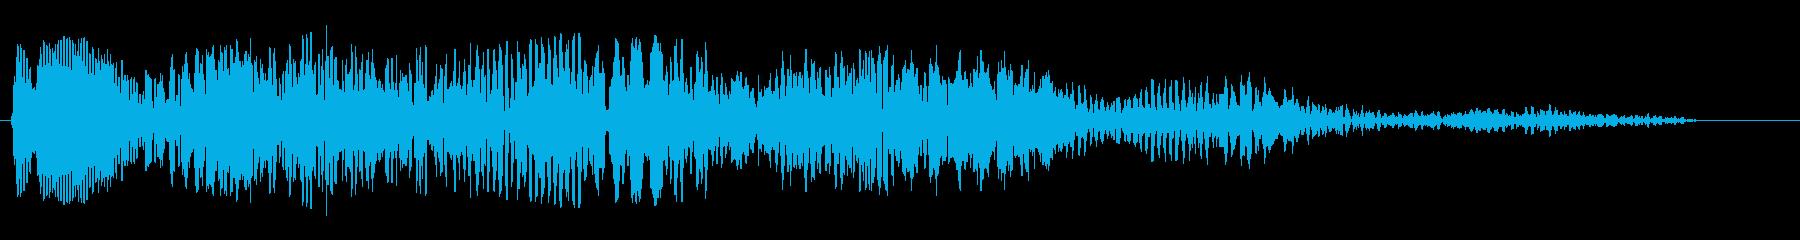 シンセのオープニングに使われそうな電子音の再生済みの波形